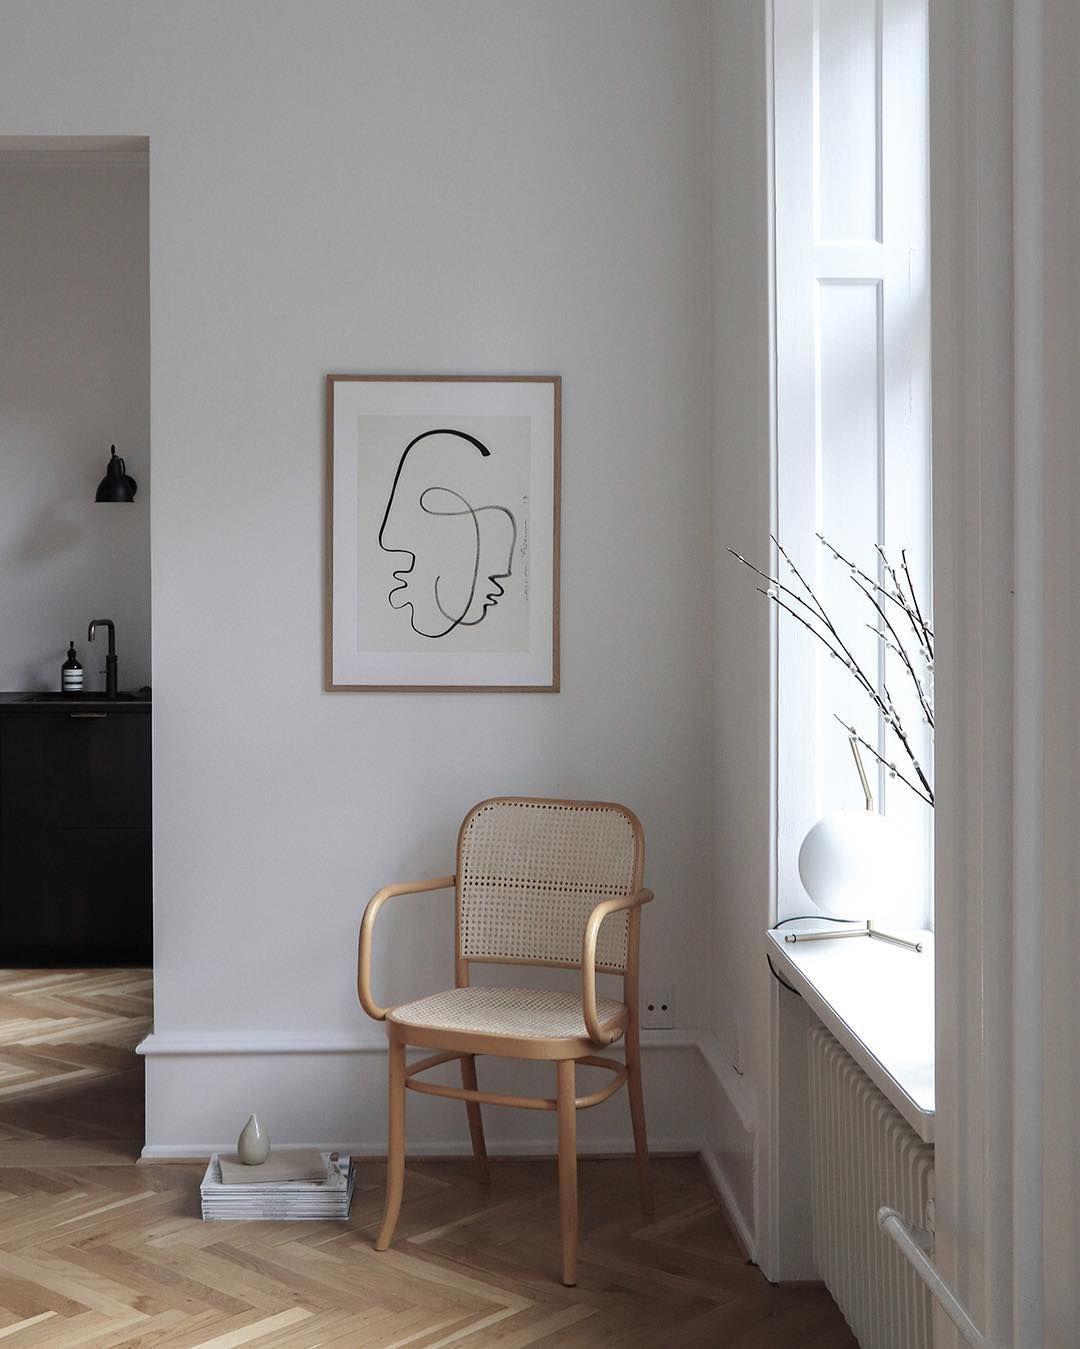 Décoration Maison, Idées Pour La Maison, Style Minimaliste, Maison Annee  30, Objet